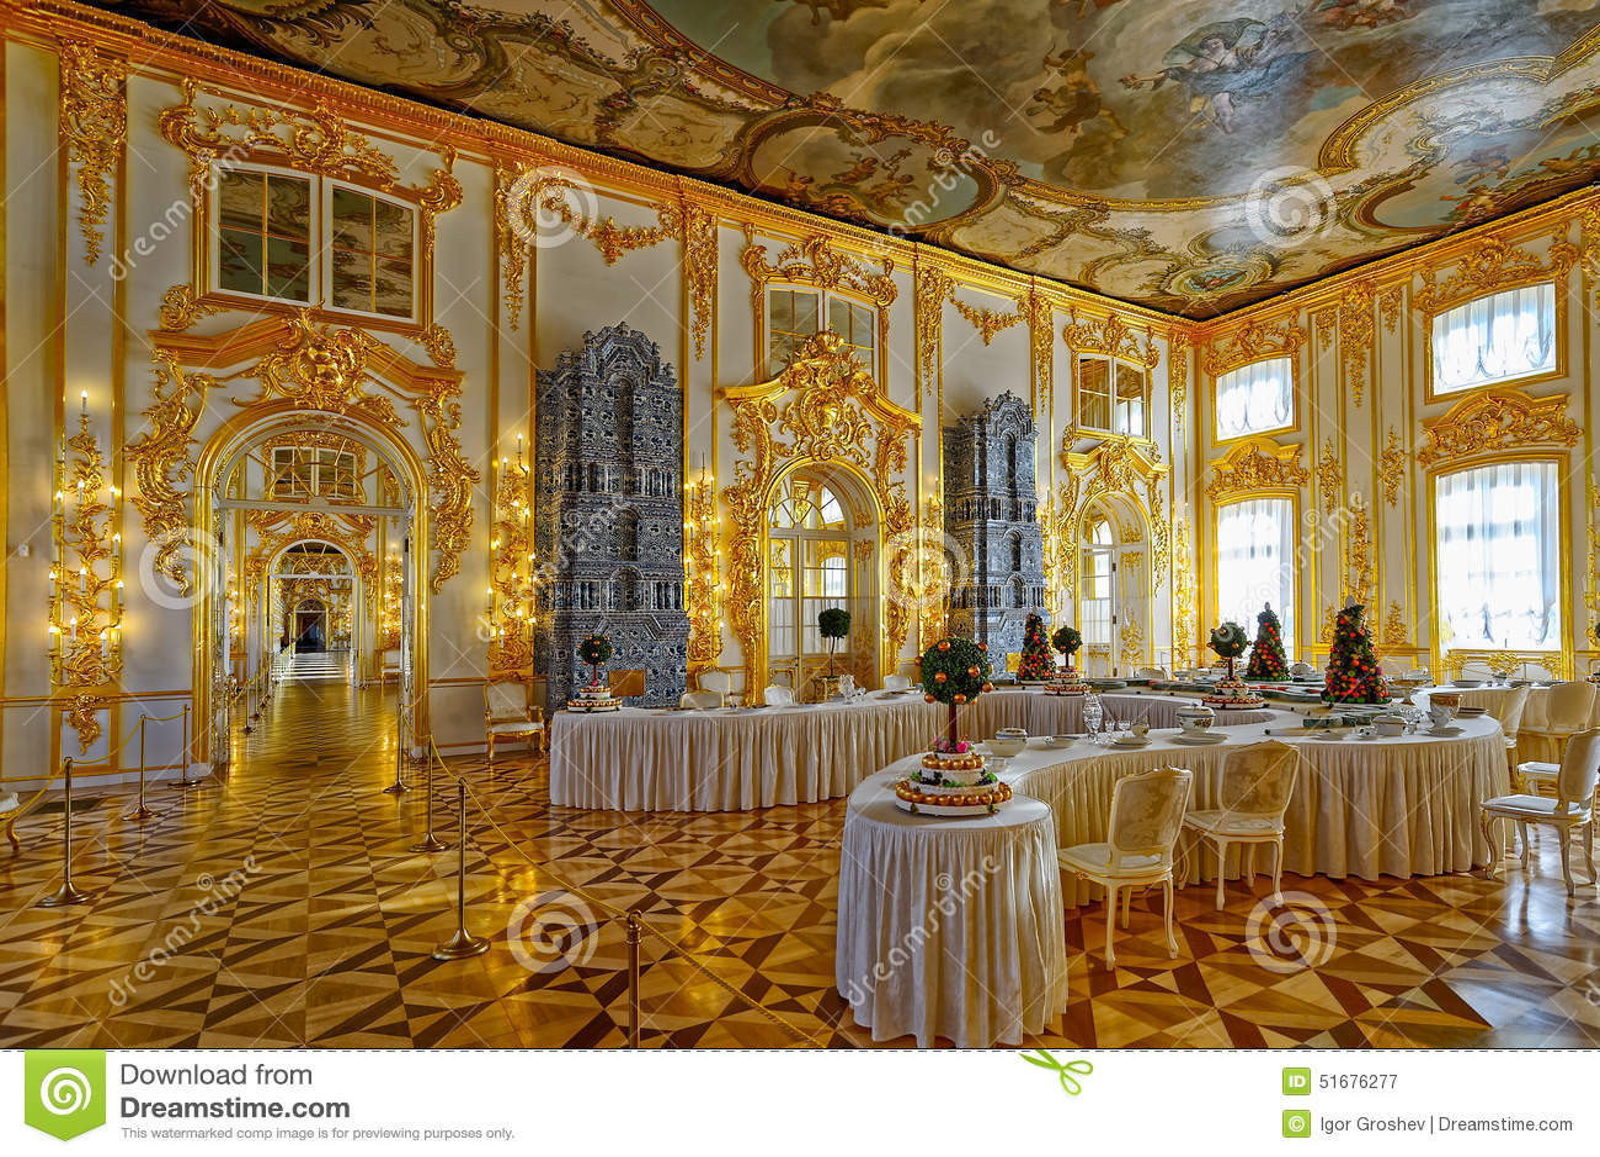 Sweet St. Petersburg